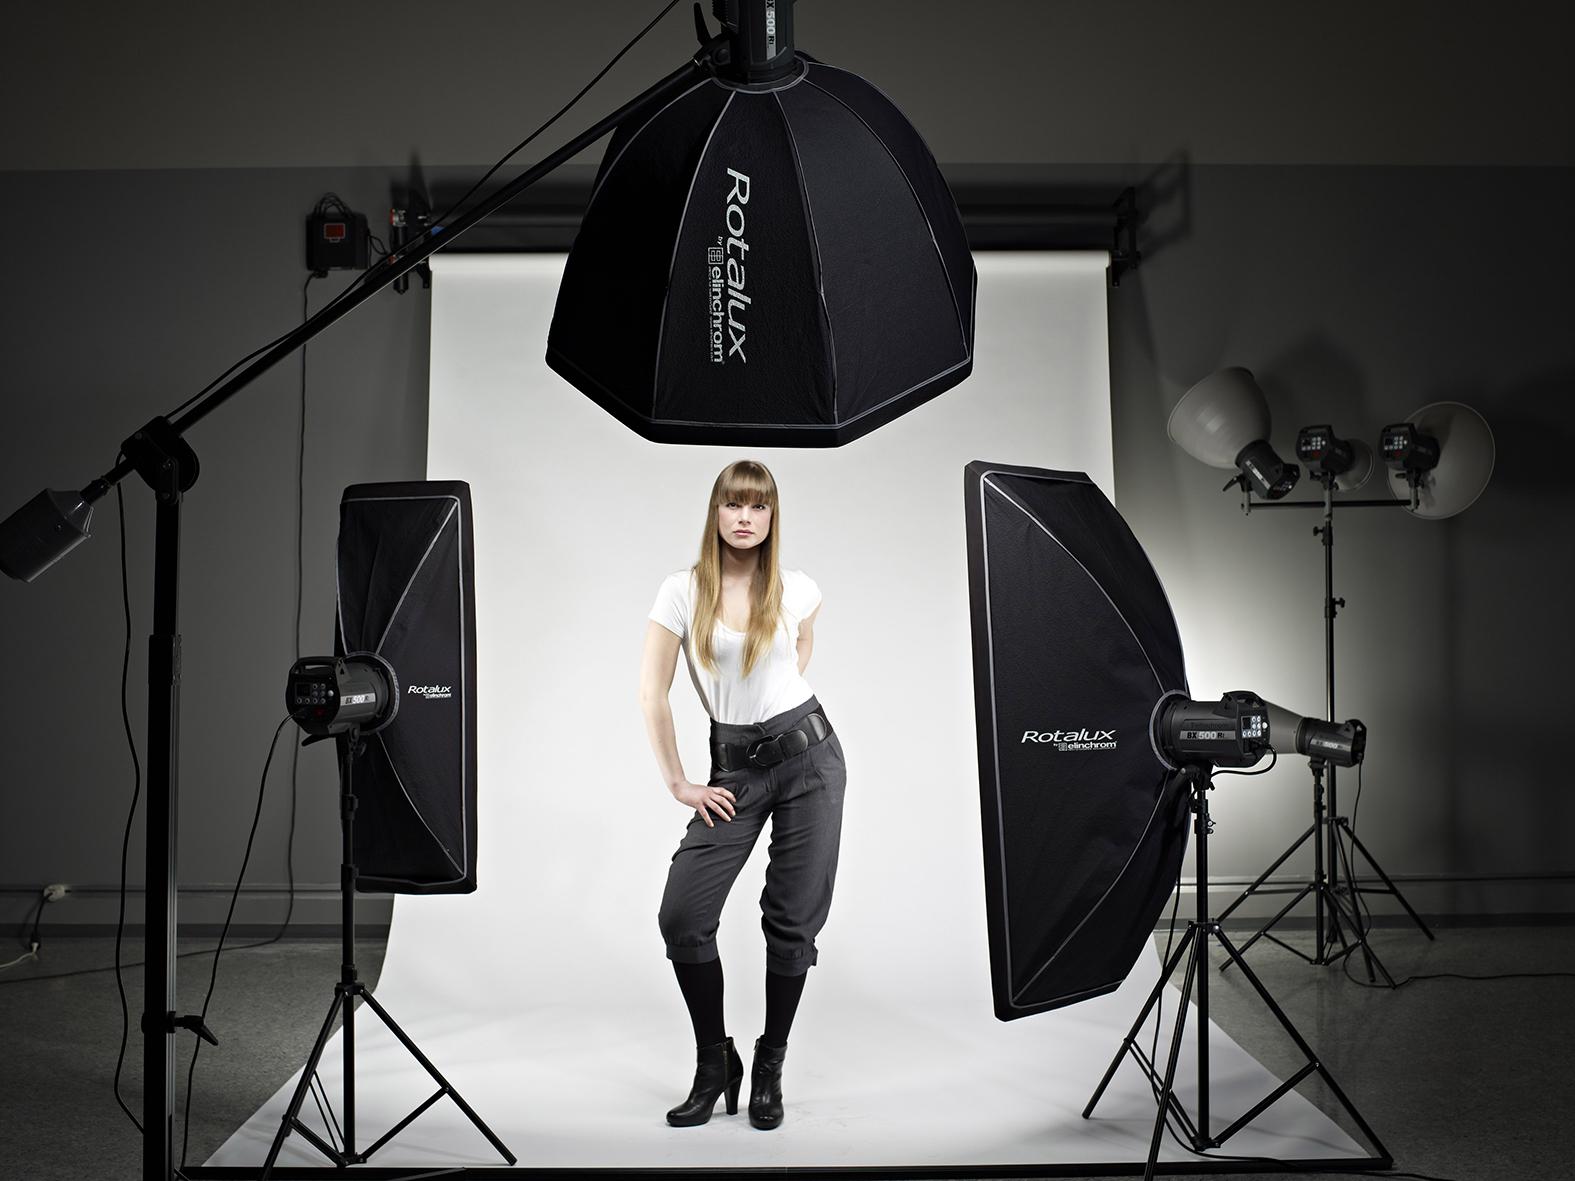 Allestire un set fotografico per ritratto workshop di fotografia